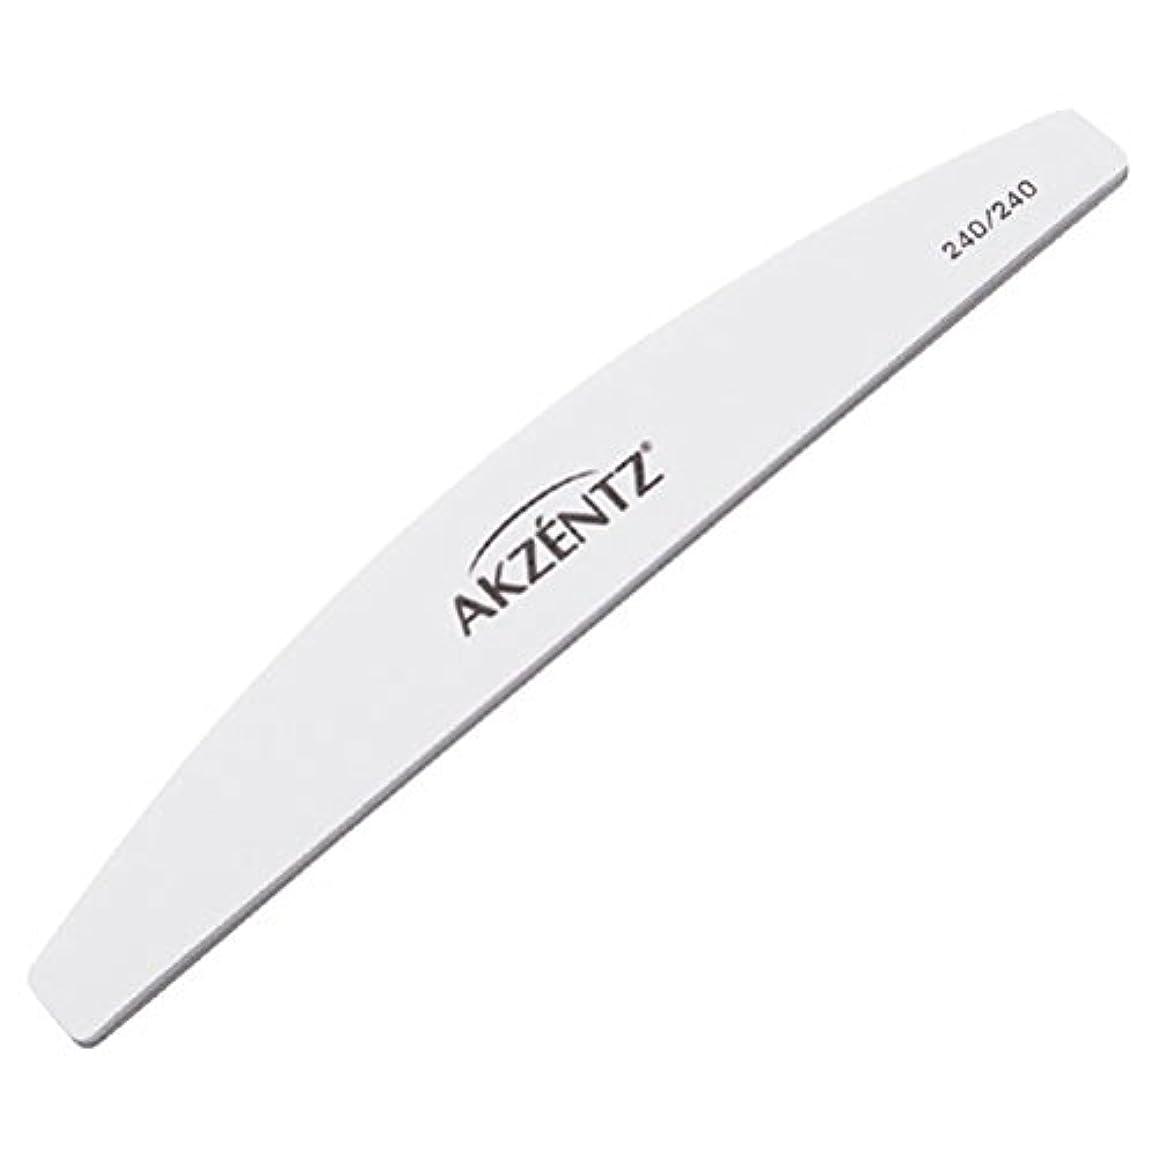 頼るサルベージ定規AKZENTZ ファイル アーチホワイト 240/240